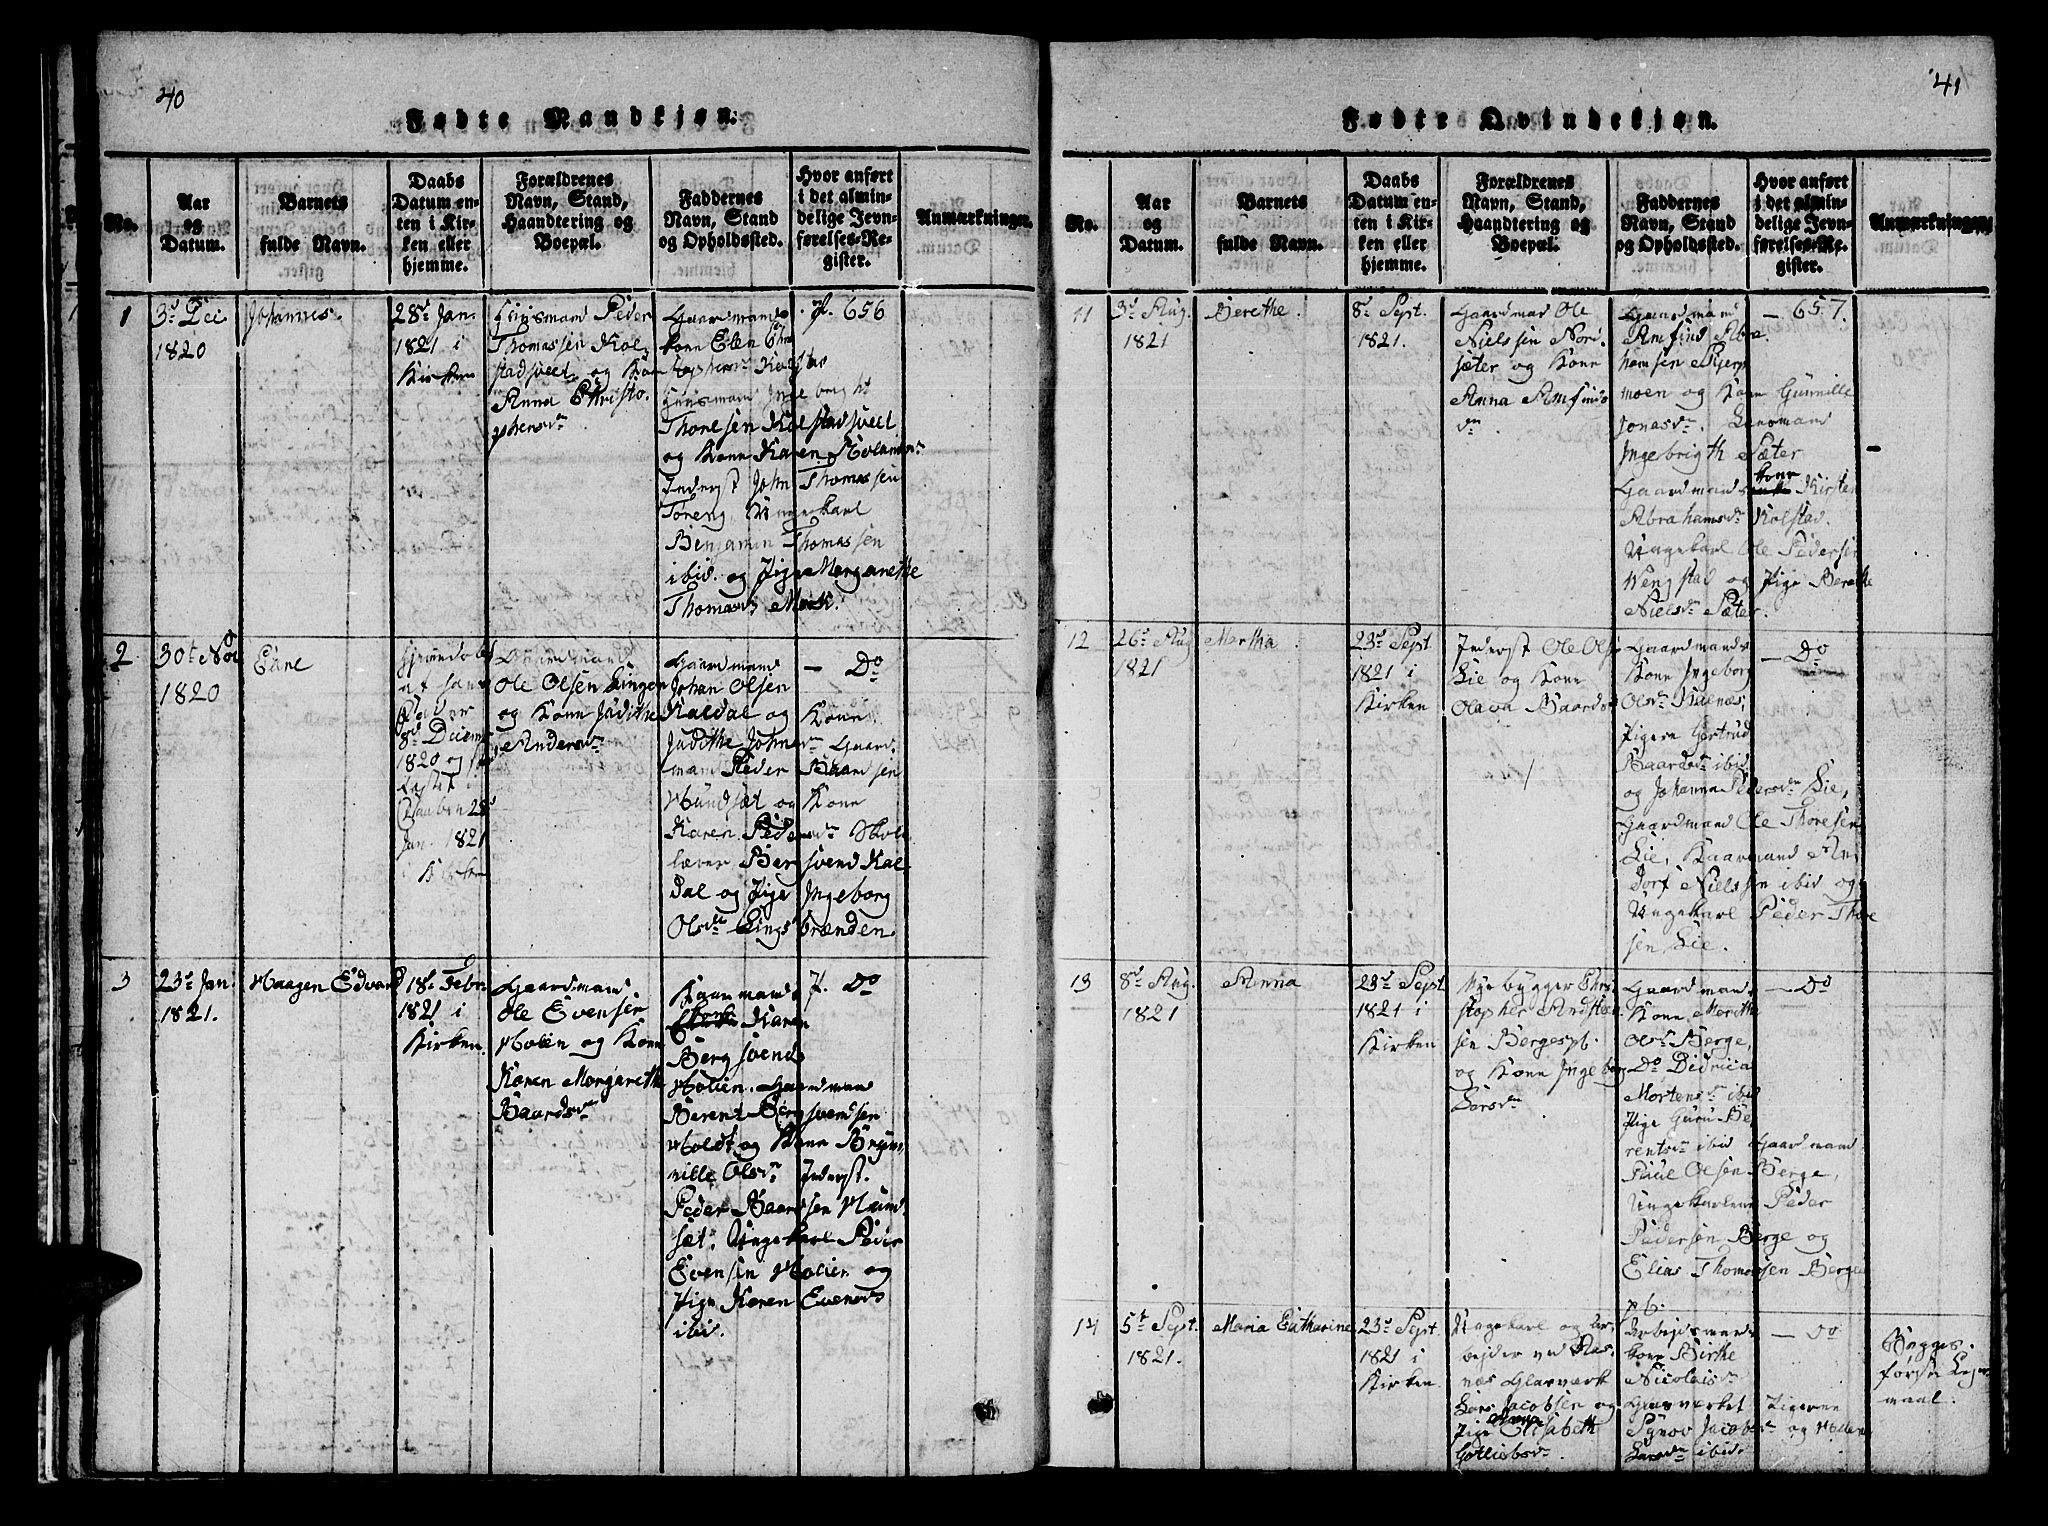 SAT, Ministerialprotokoller, klokkerbøker og fødselsregistre - Nord-Trøndelag, 742/L0411: Klokkerbok nr. 742C02, 1817-1825, s. 40-41